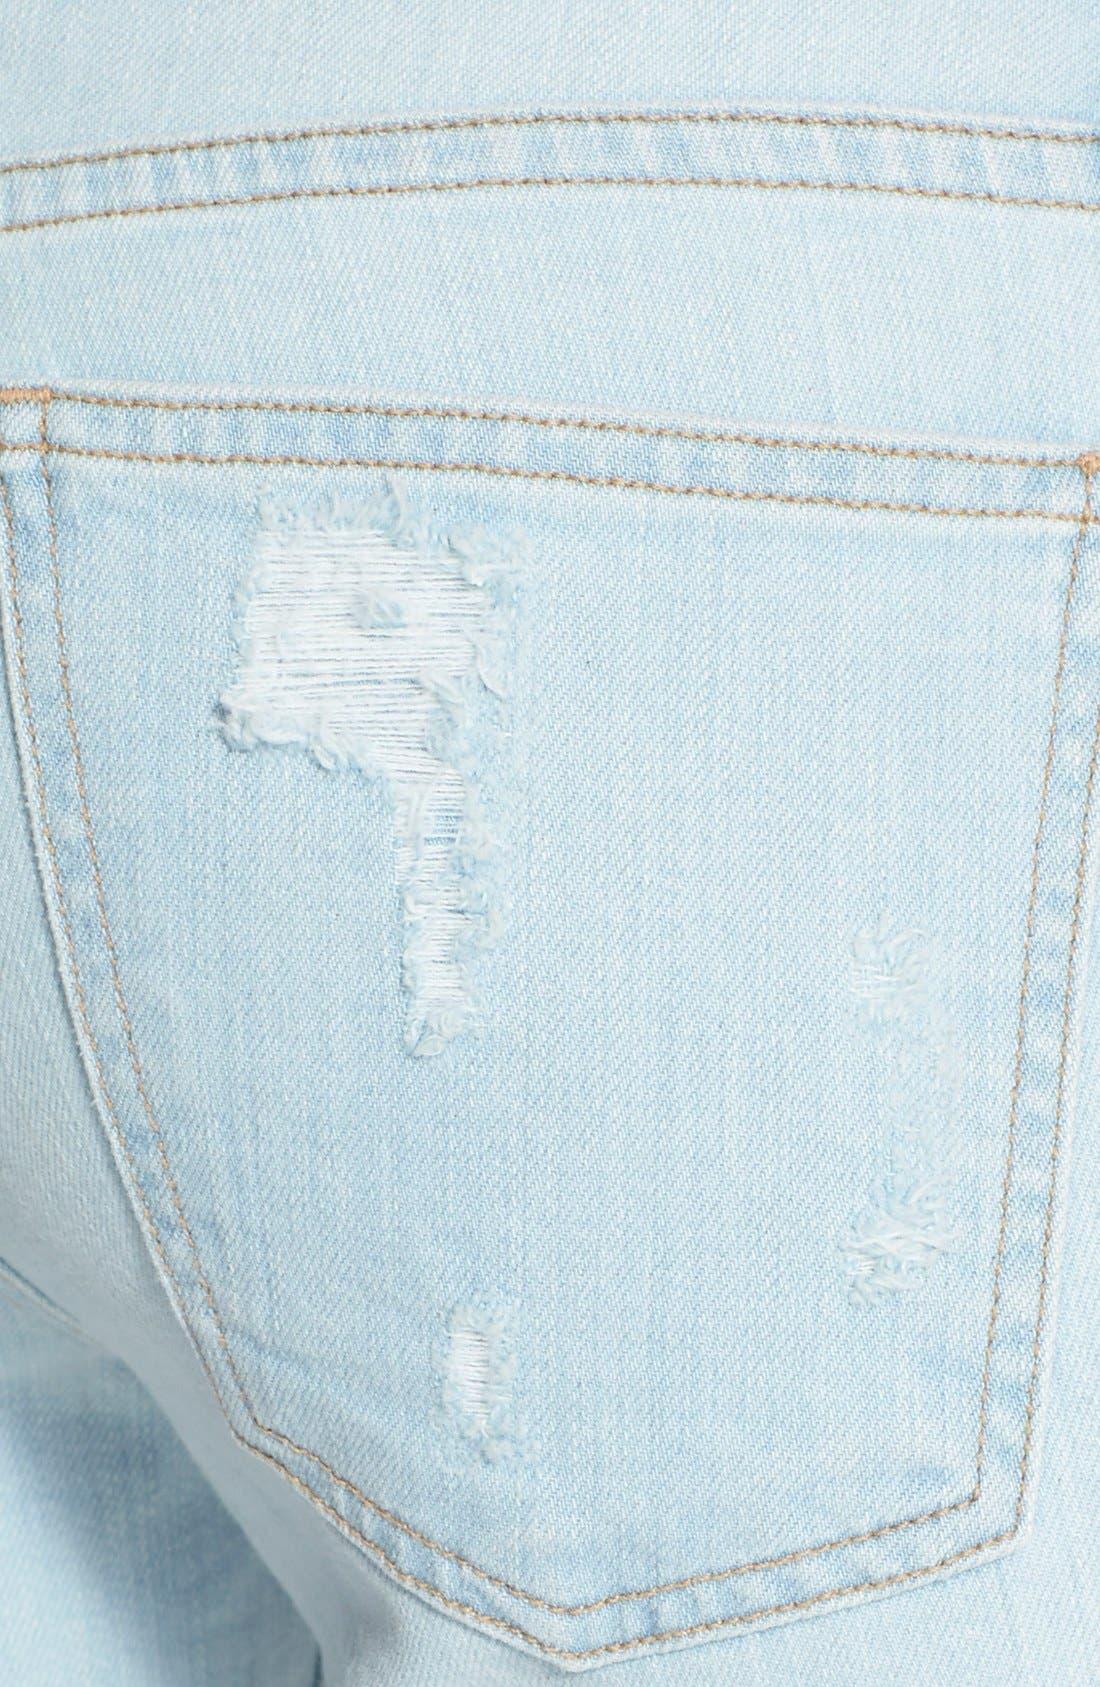 Alternate Image 2  - Current/Elliott 'The Stiletto' Destroyed Skinny Jeans (Chalky Indigo Shredded)